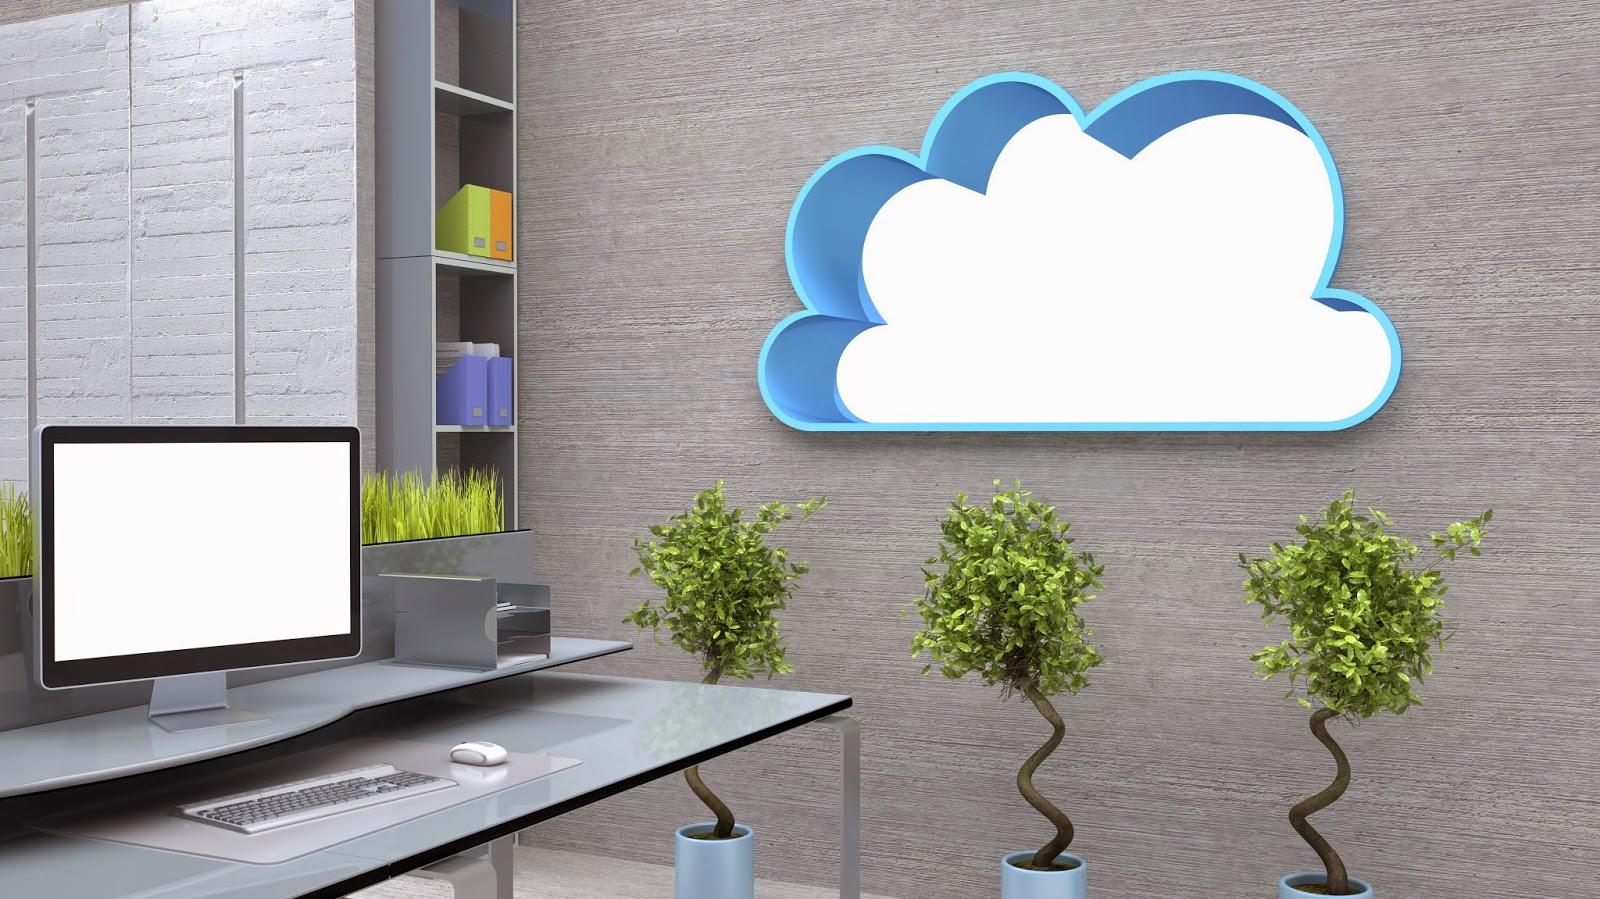 Cloud-shaped window in modern office